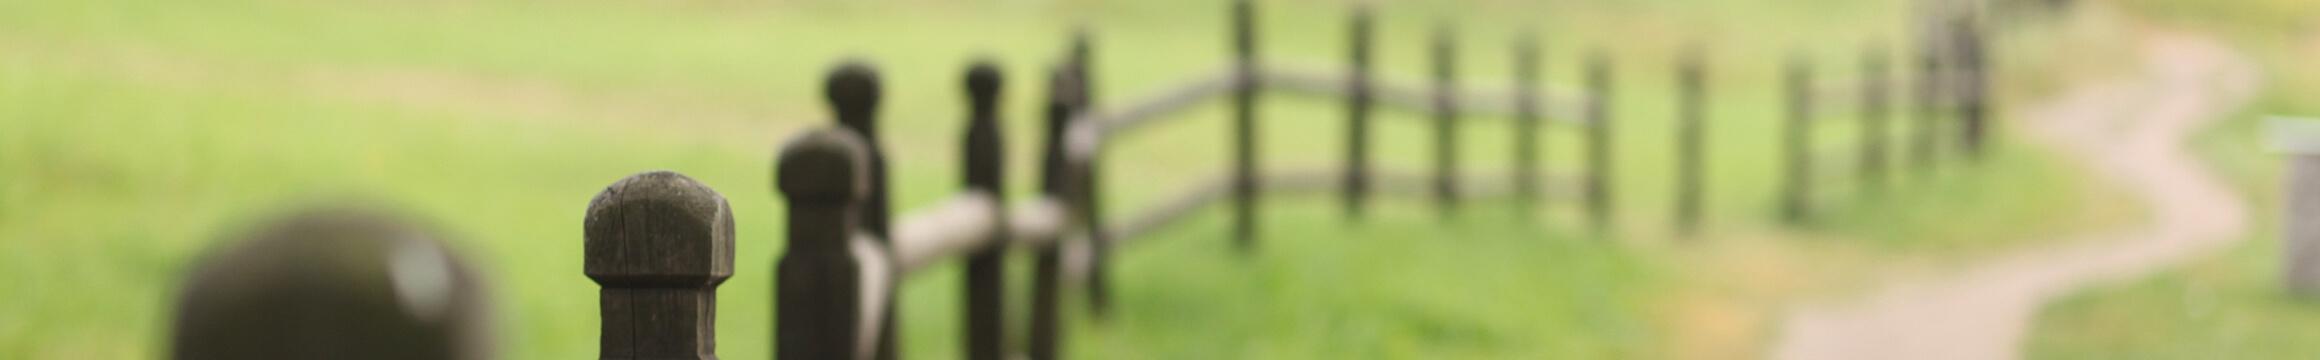 Rural 01